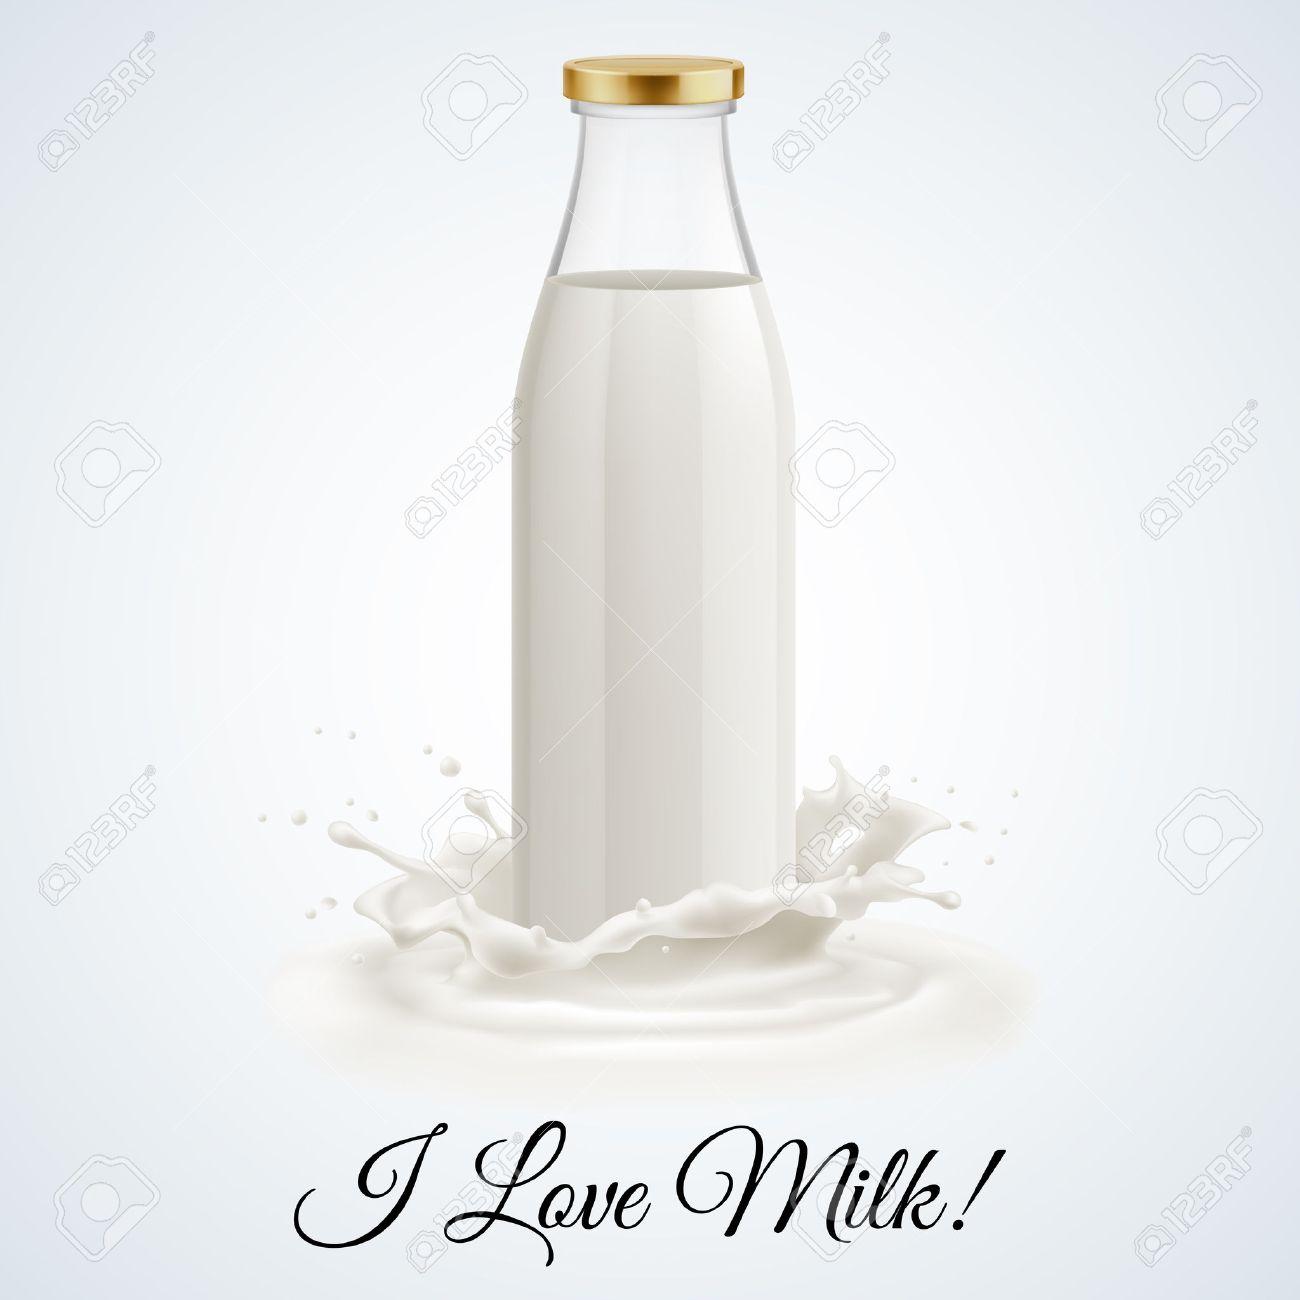 Banner I love milk. Closed glass bottle of milk Stock Vector - 37751553